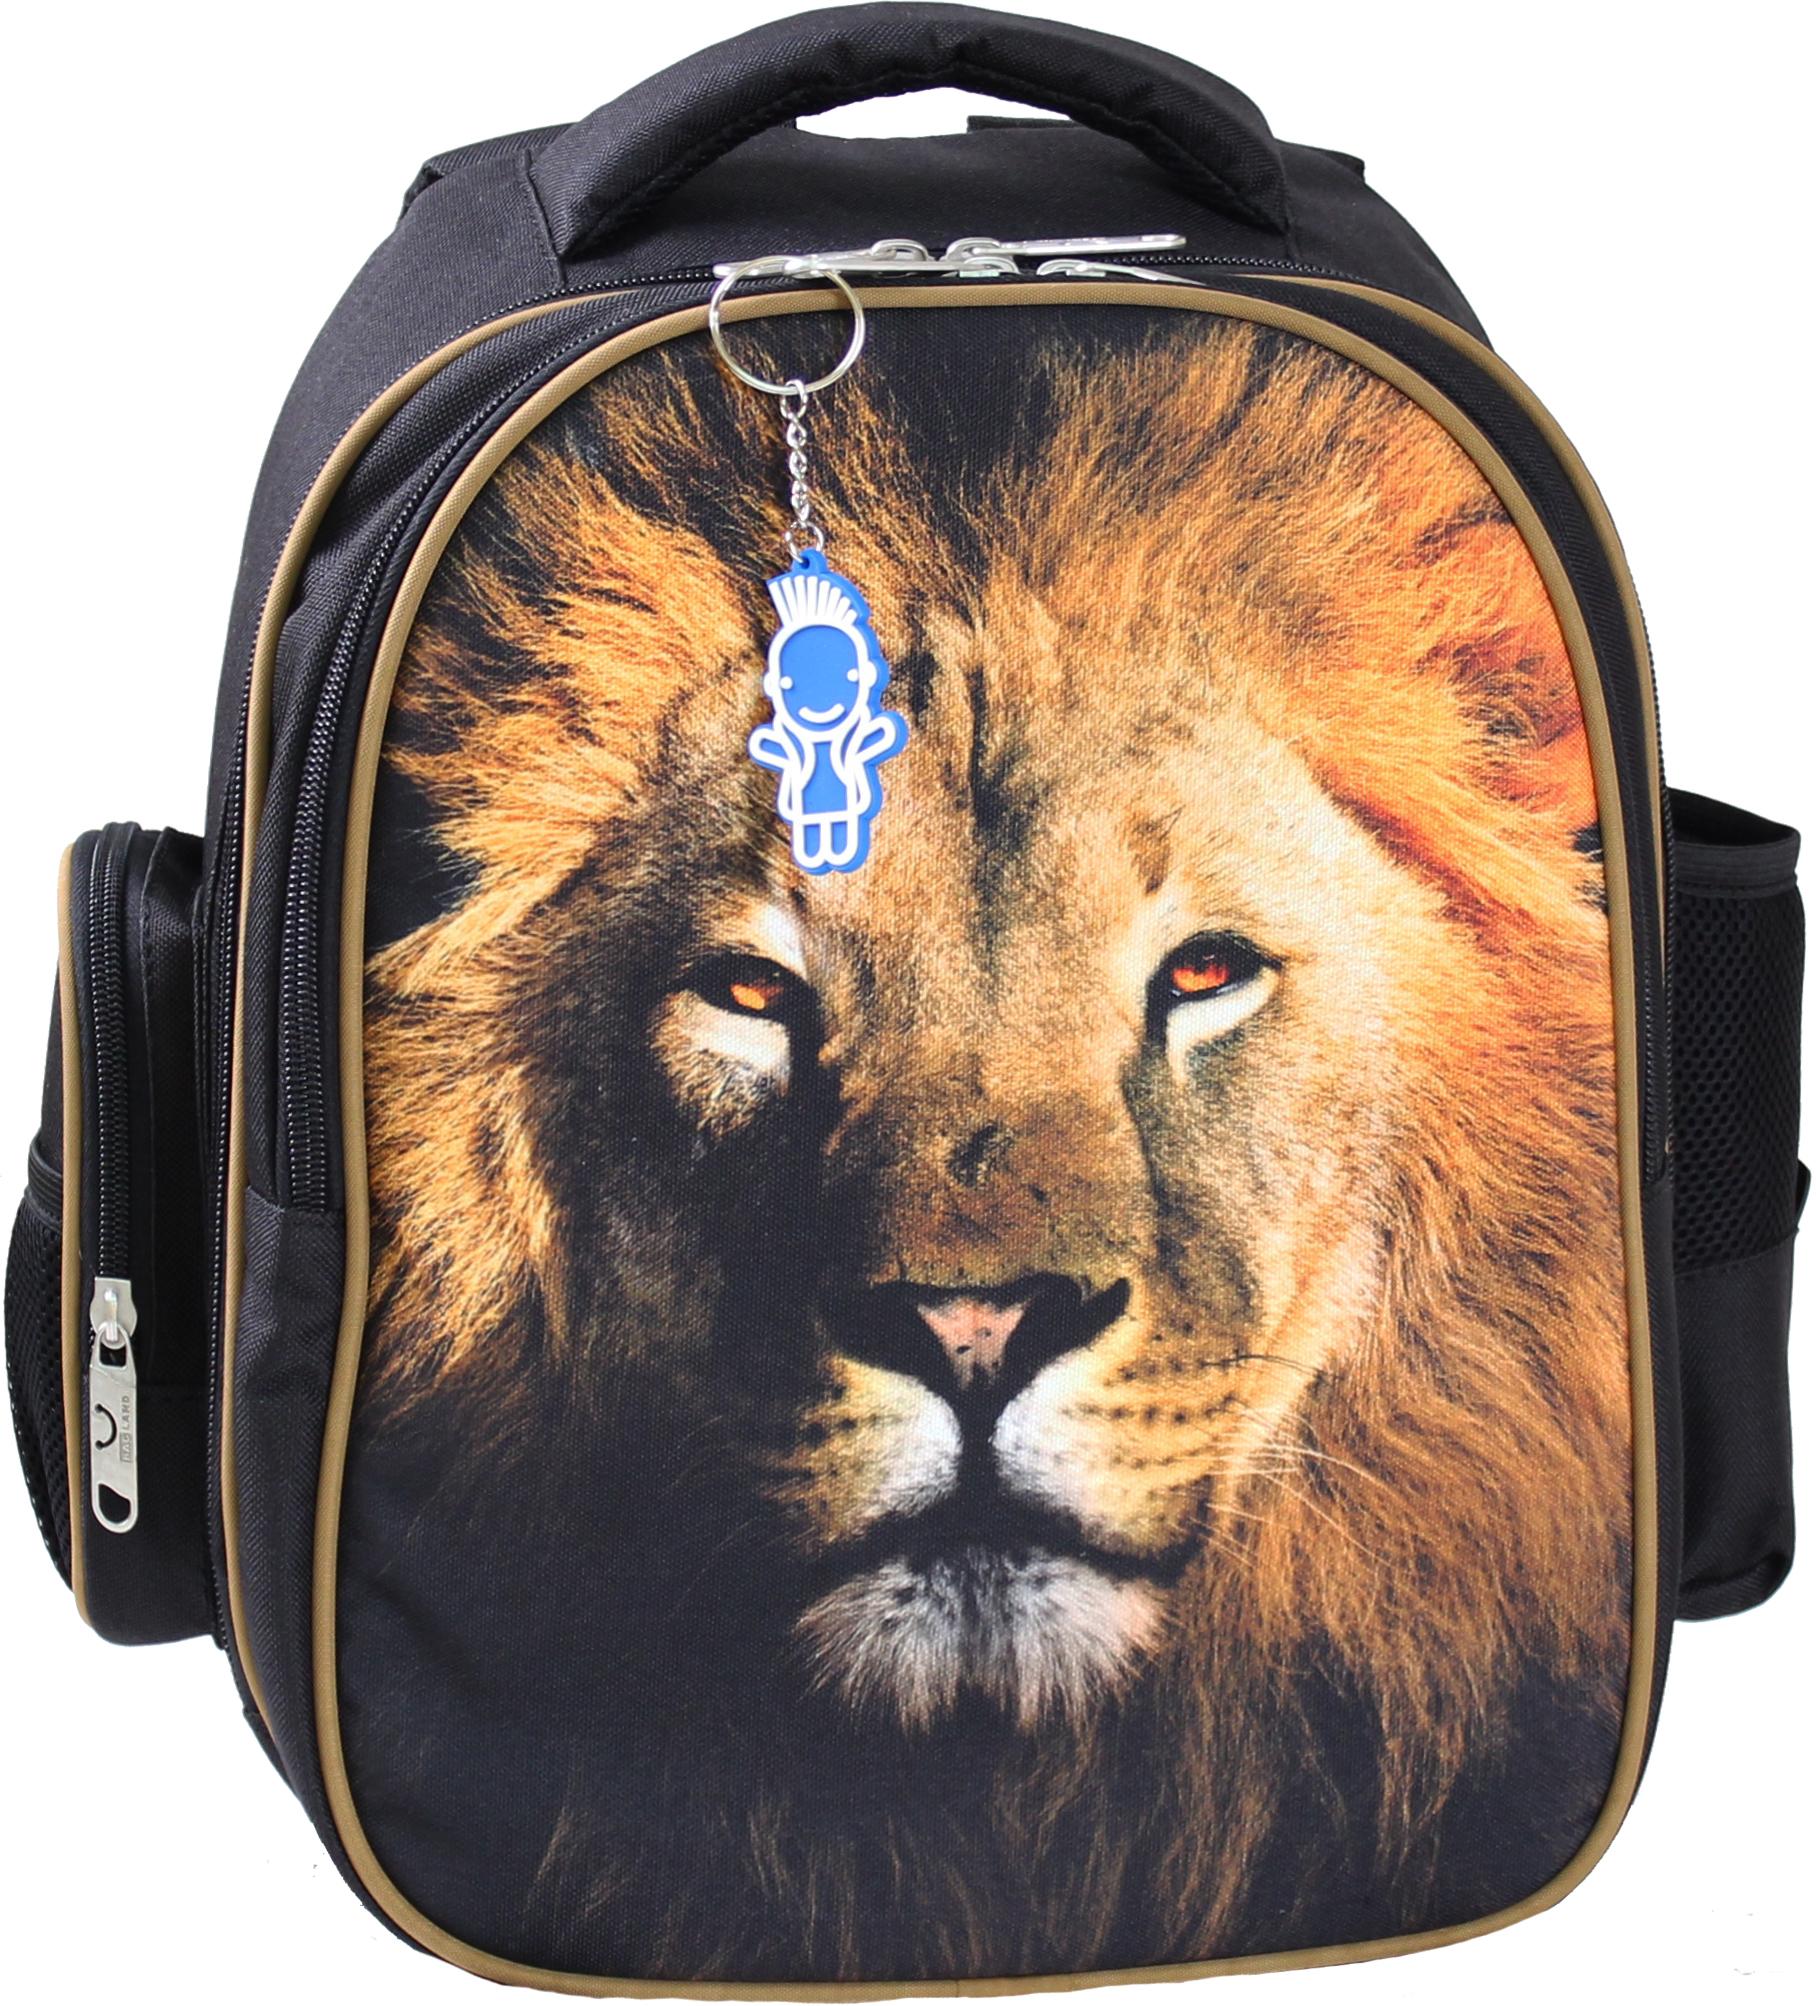 Школьные рюкзаки Рюкзак Bagland Pupil 14 л. черный 192 К (0012566) IMG_0161.JPG